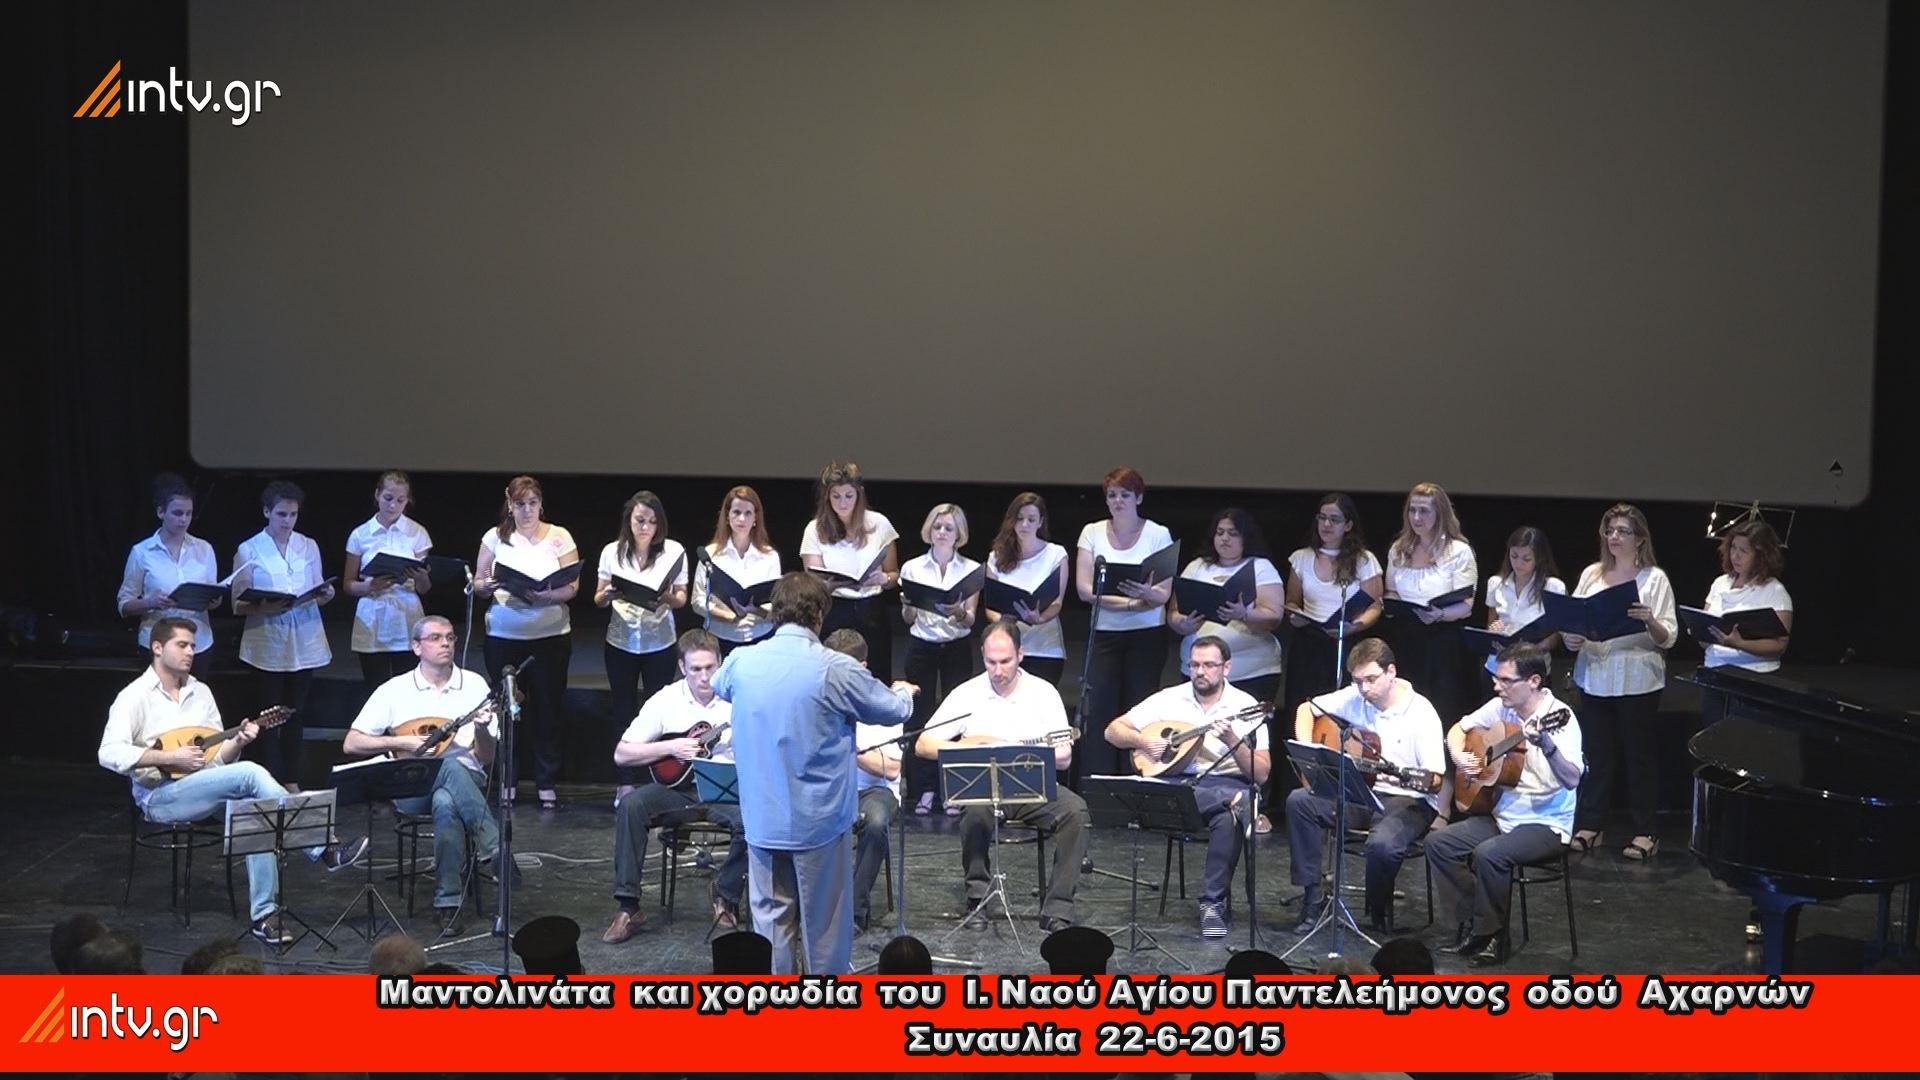 Μαντολινάτα και χορωδία του Ι. Ναού Αγίου Παντελεήμονος οδού Αχαρνών Συναυλία.